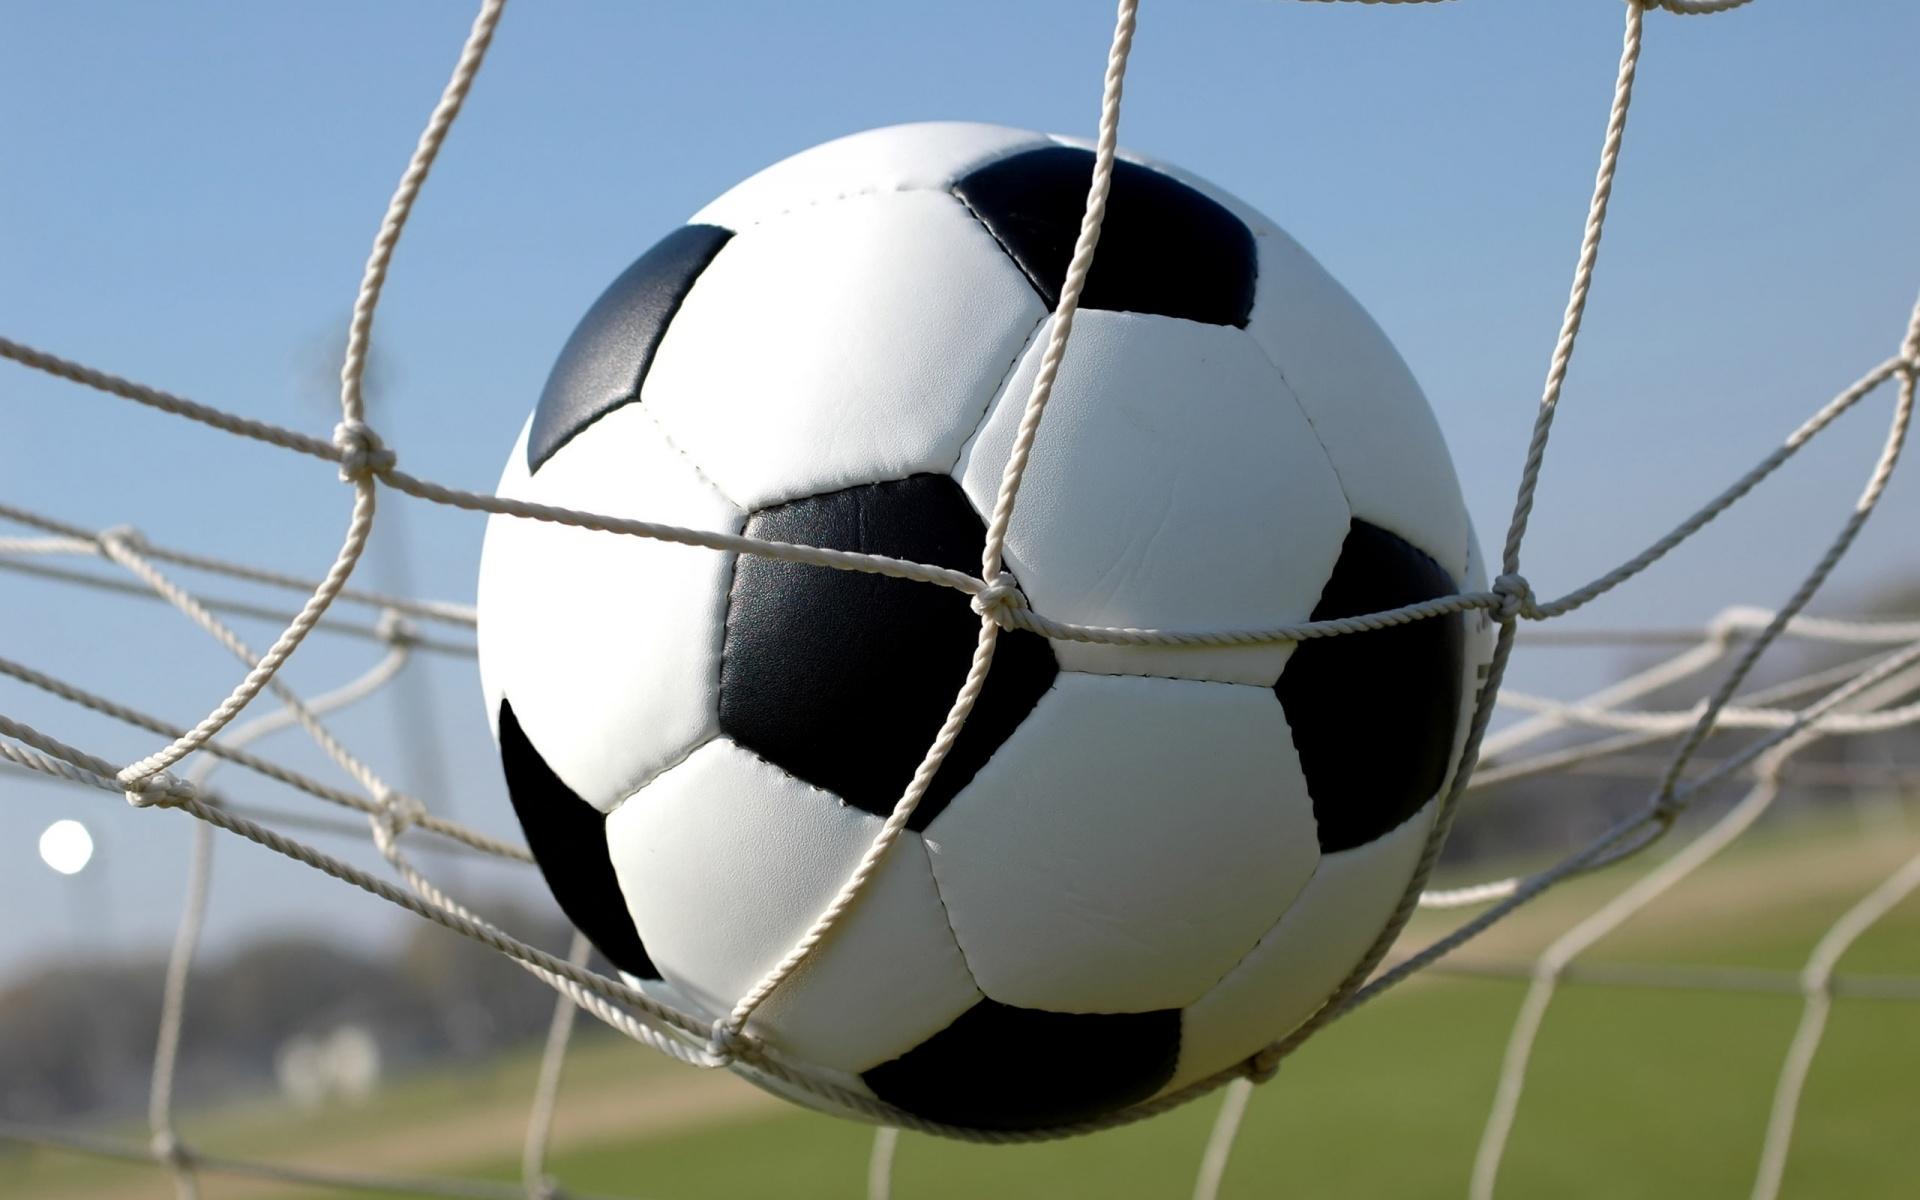 Le kakovostna obutev za nogomet je zagotovilo za dobro igro